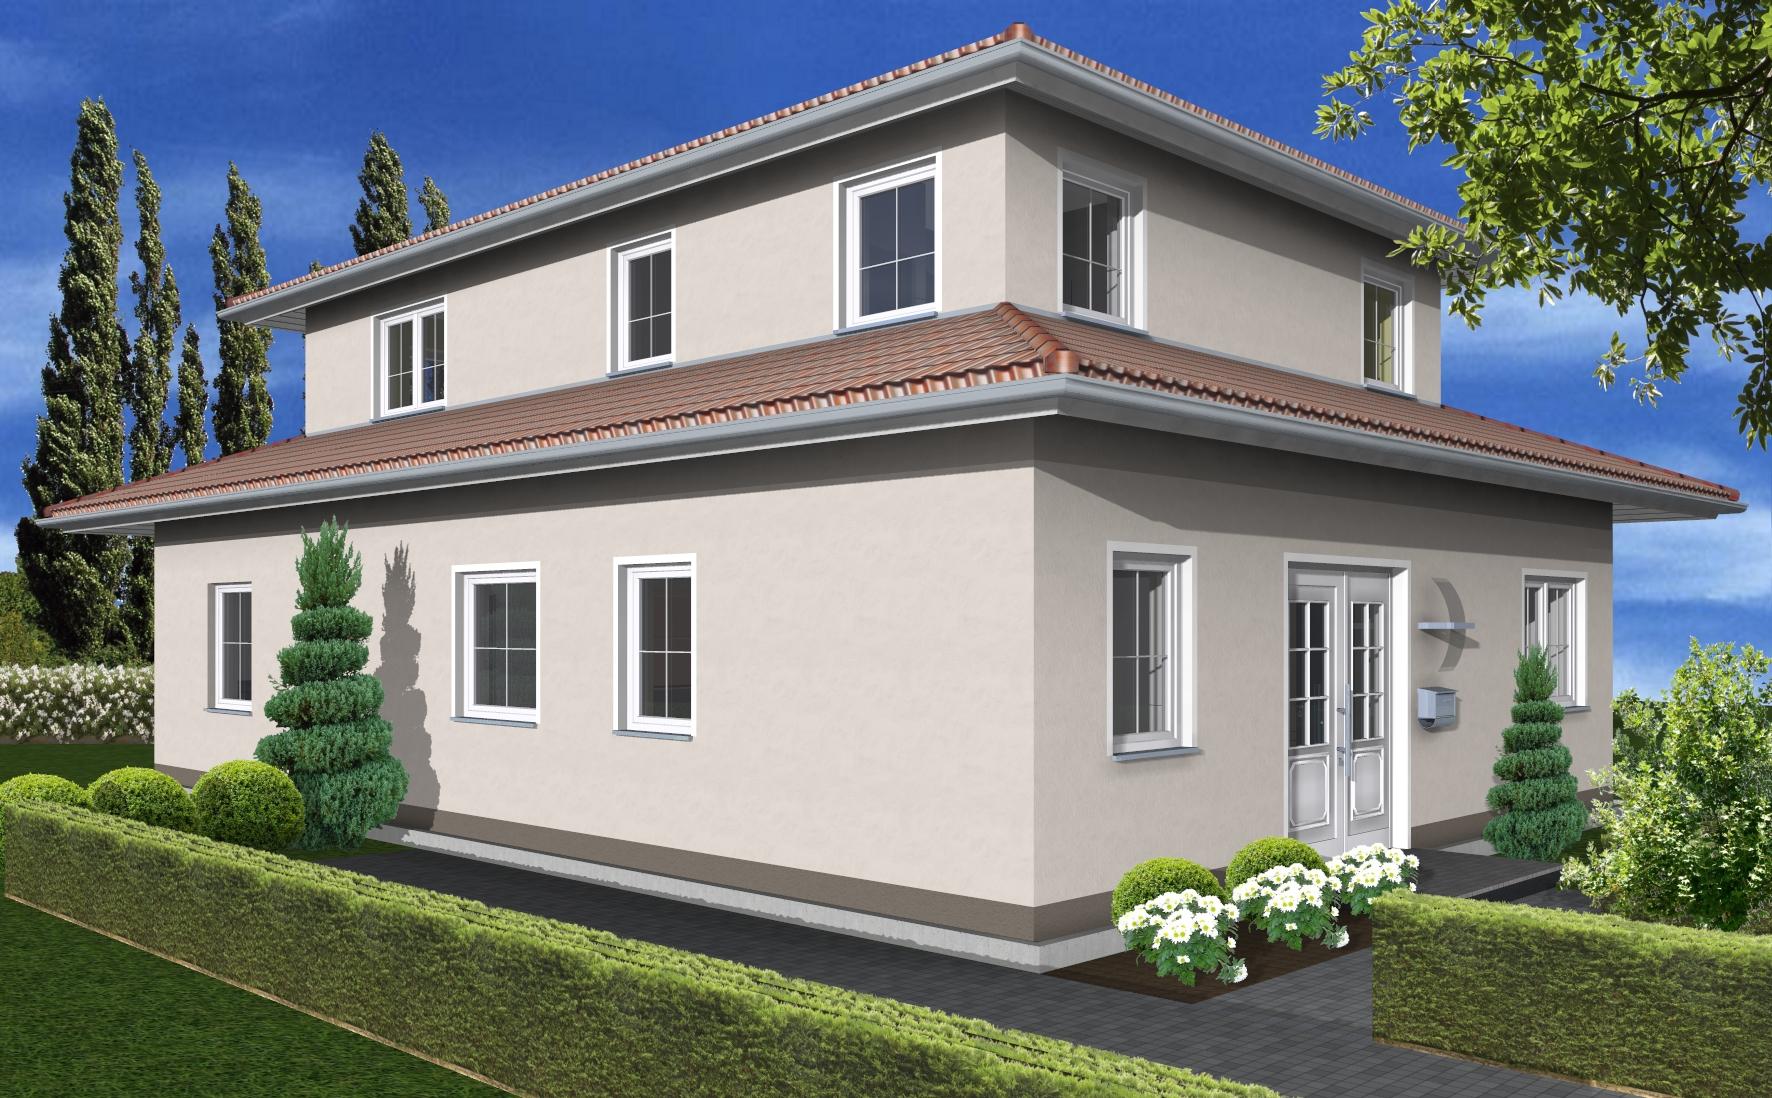 einfamilienhaus 1 280 wapelhorst planen und bauen. Black Bedroom Furniture Sets. Home Design Ideas